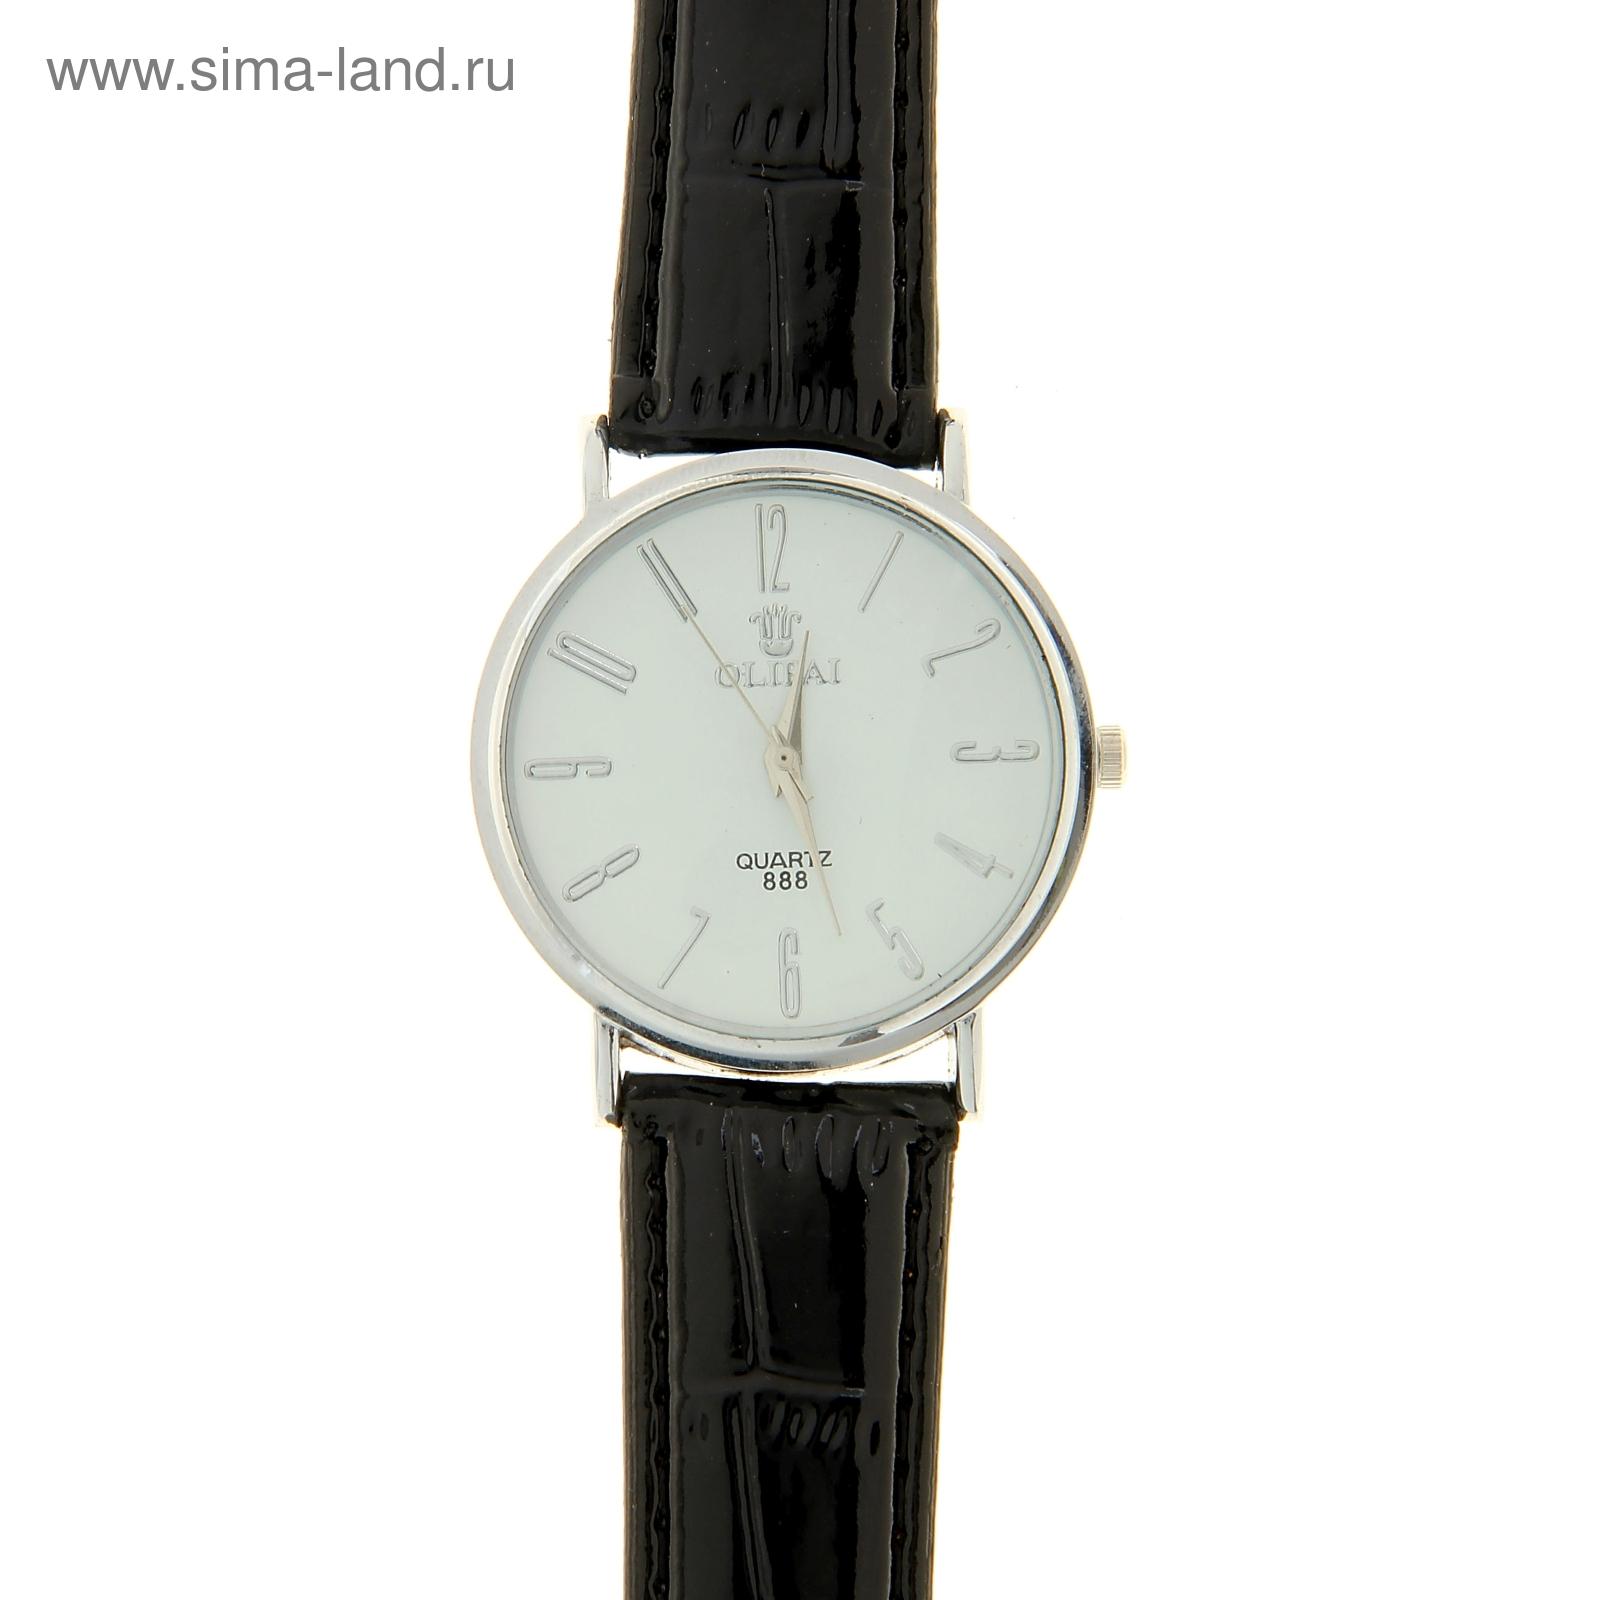 Белые ремешки для мужских наручных часов купить часы туссан